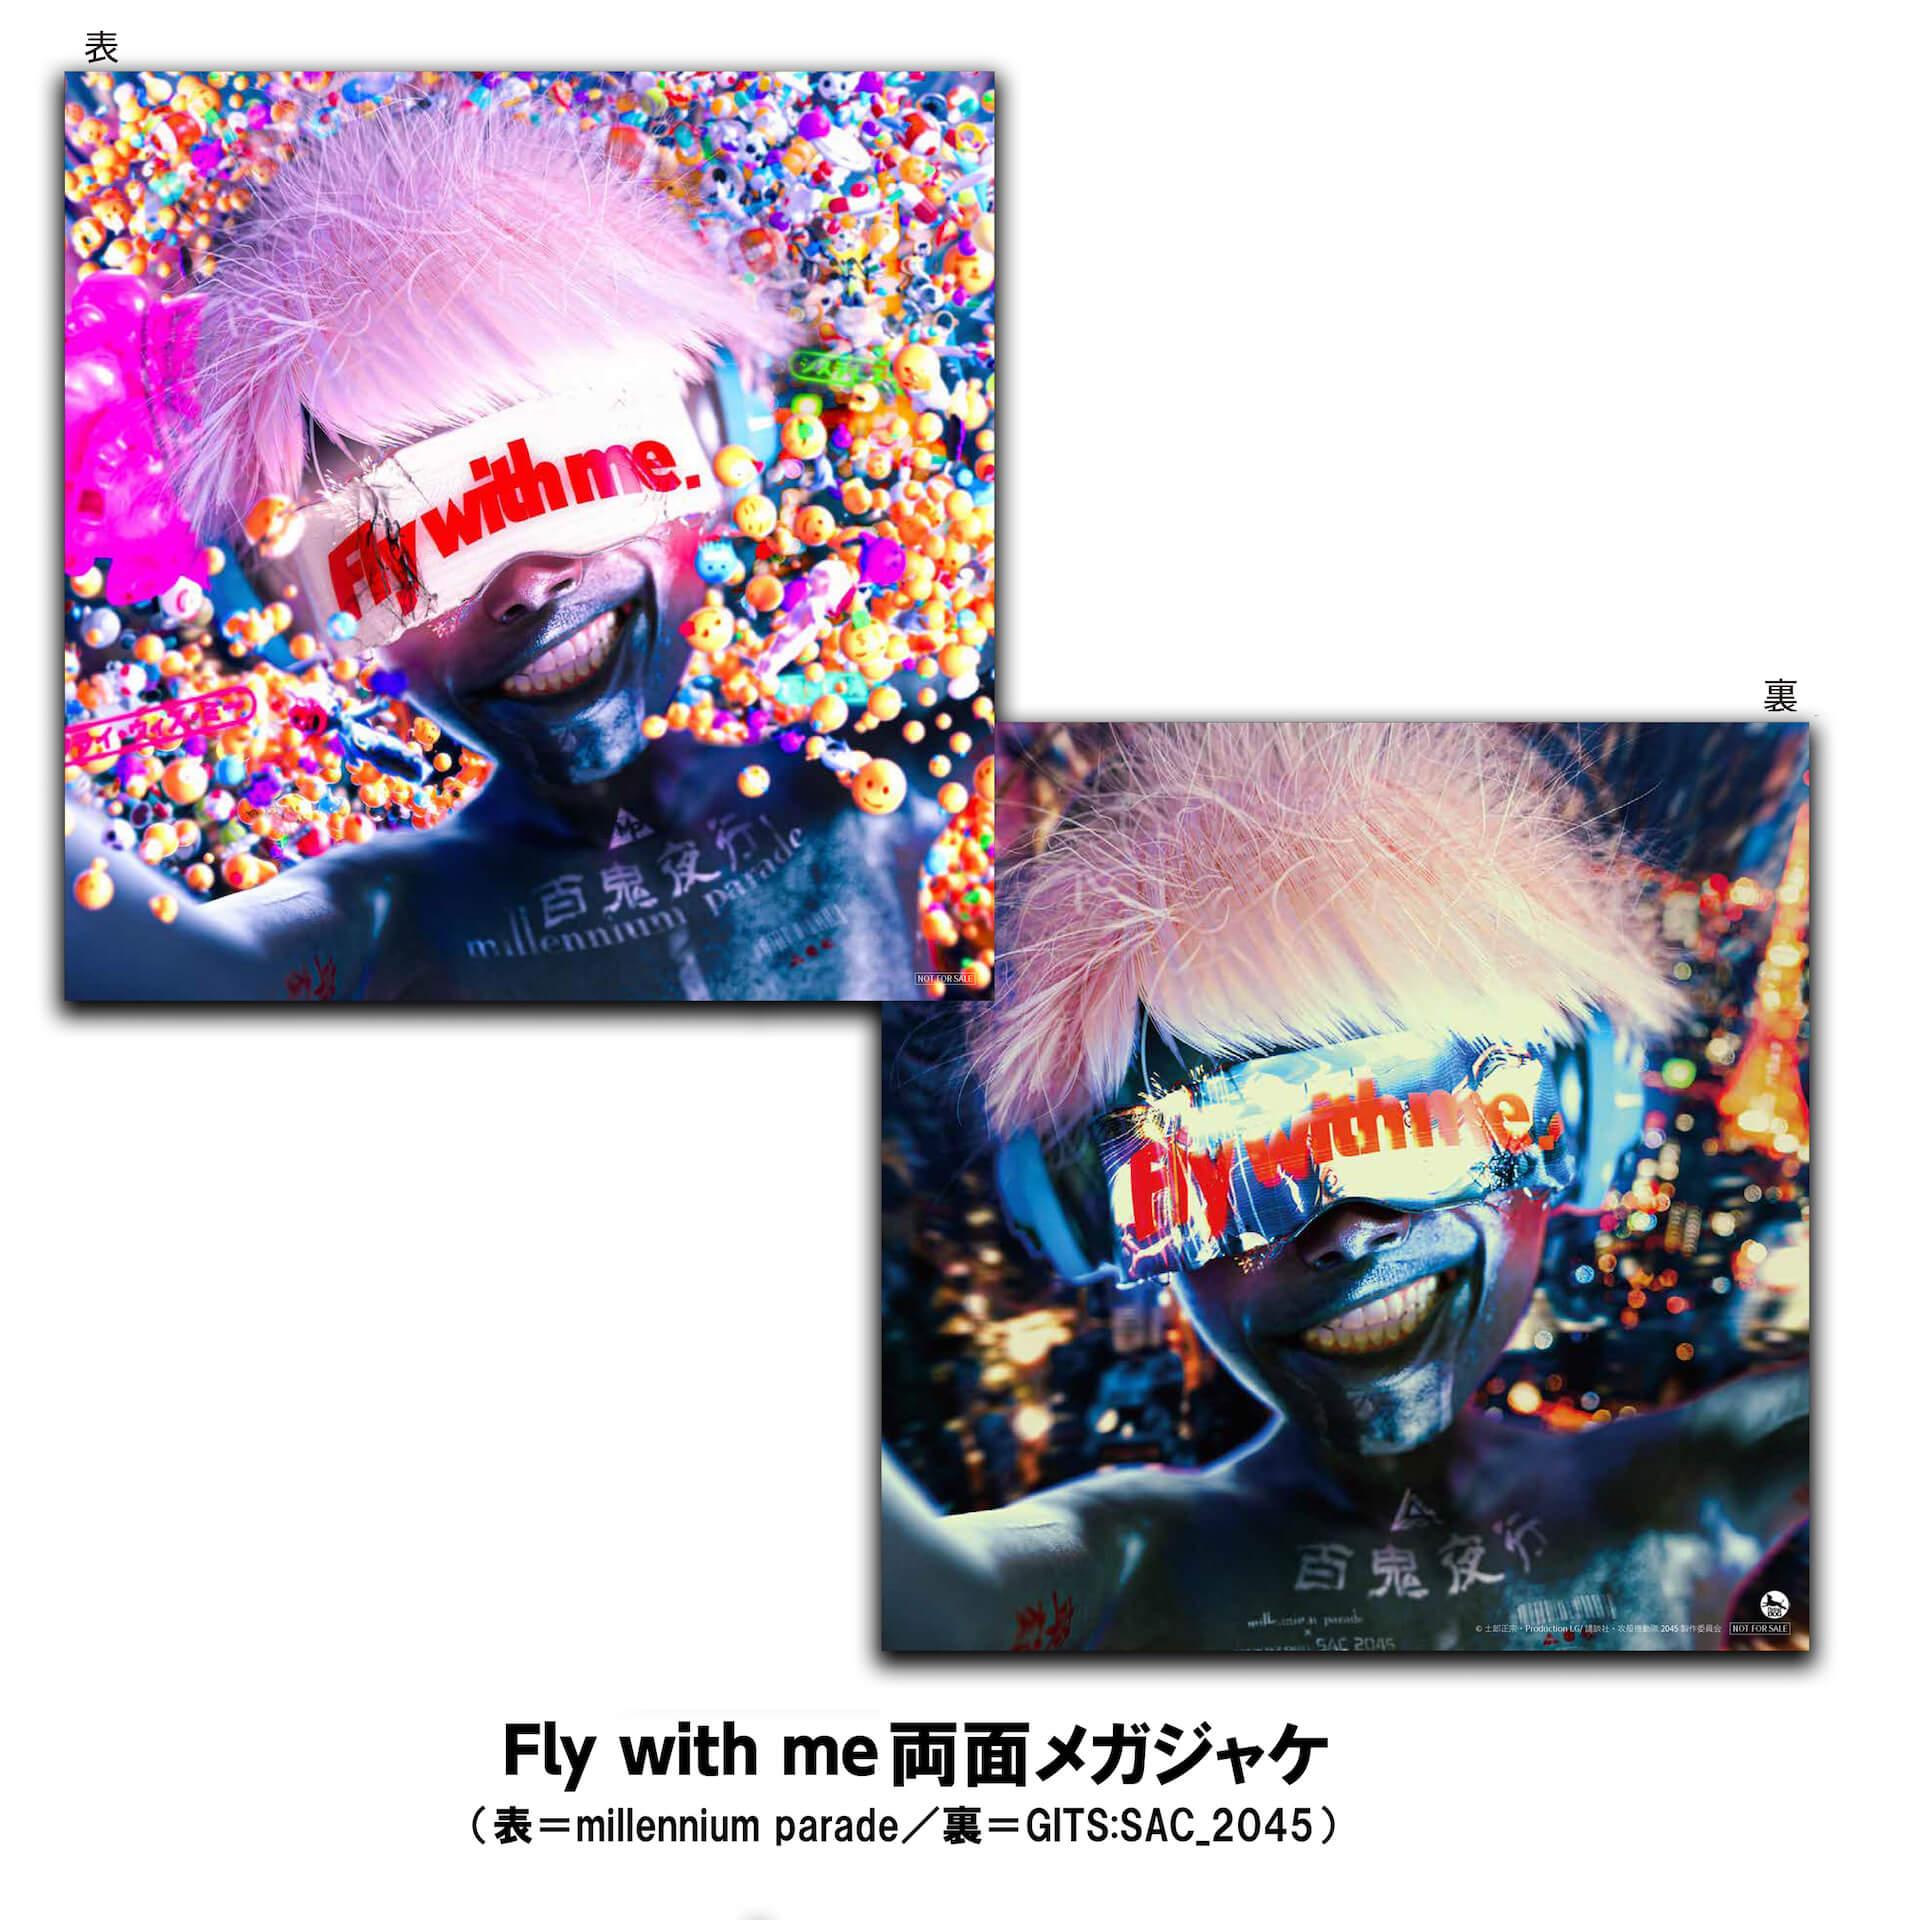 millennium paradeの攻殻機動隊テーマ「Fly with me」にSteve Aokiによるリミックス曲が収録決定!初ワンマンライブの音源も収録 art200330_ghostintheshell_tsuneda_7